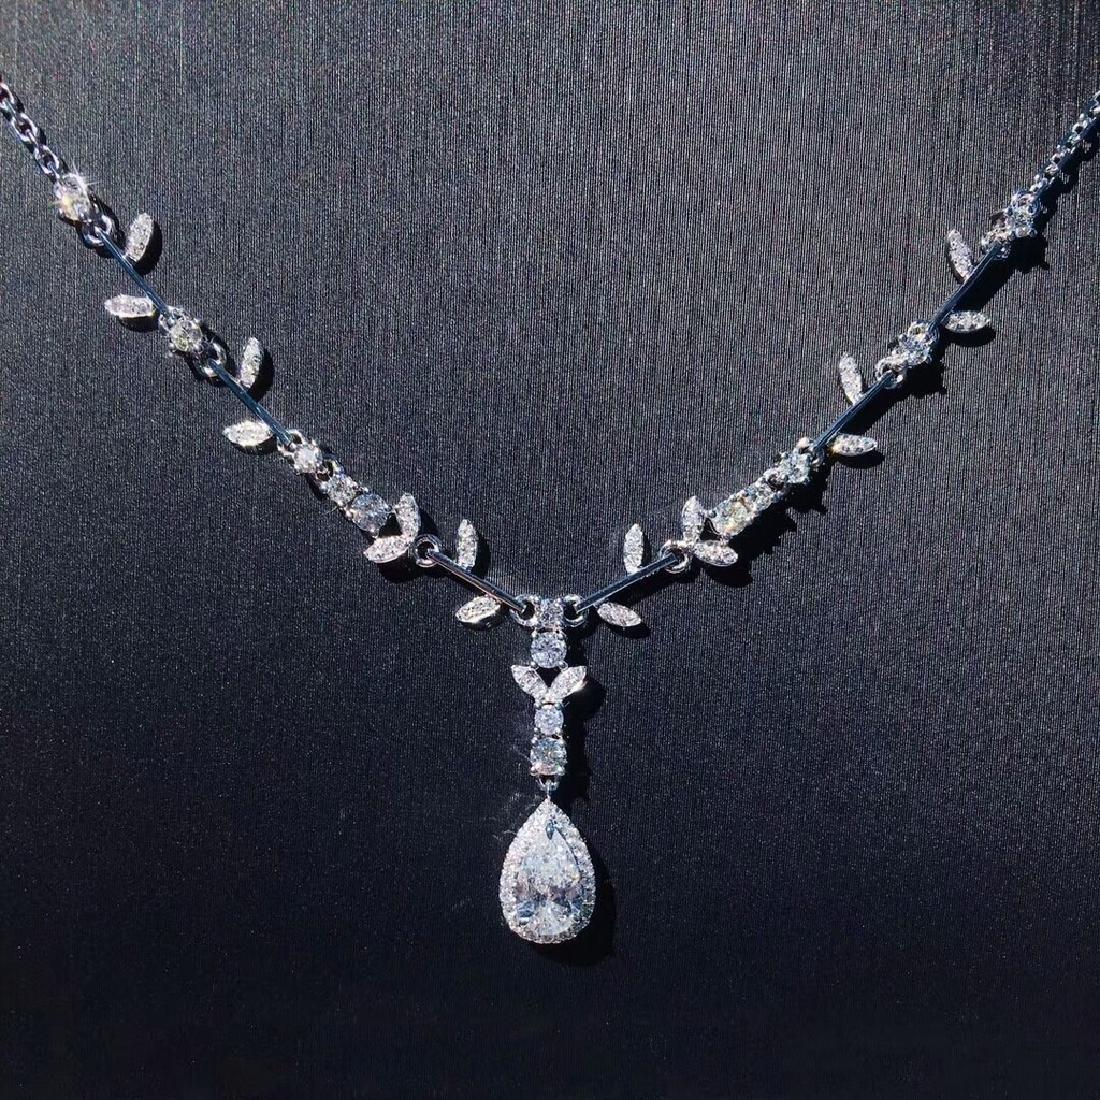 0.5 CTW Diamond & VS Diamond Necklace 18K